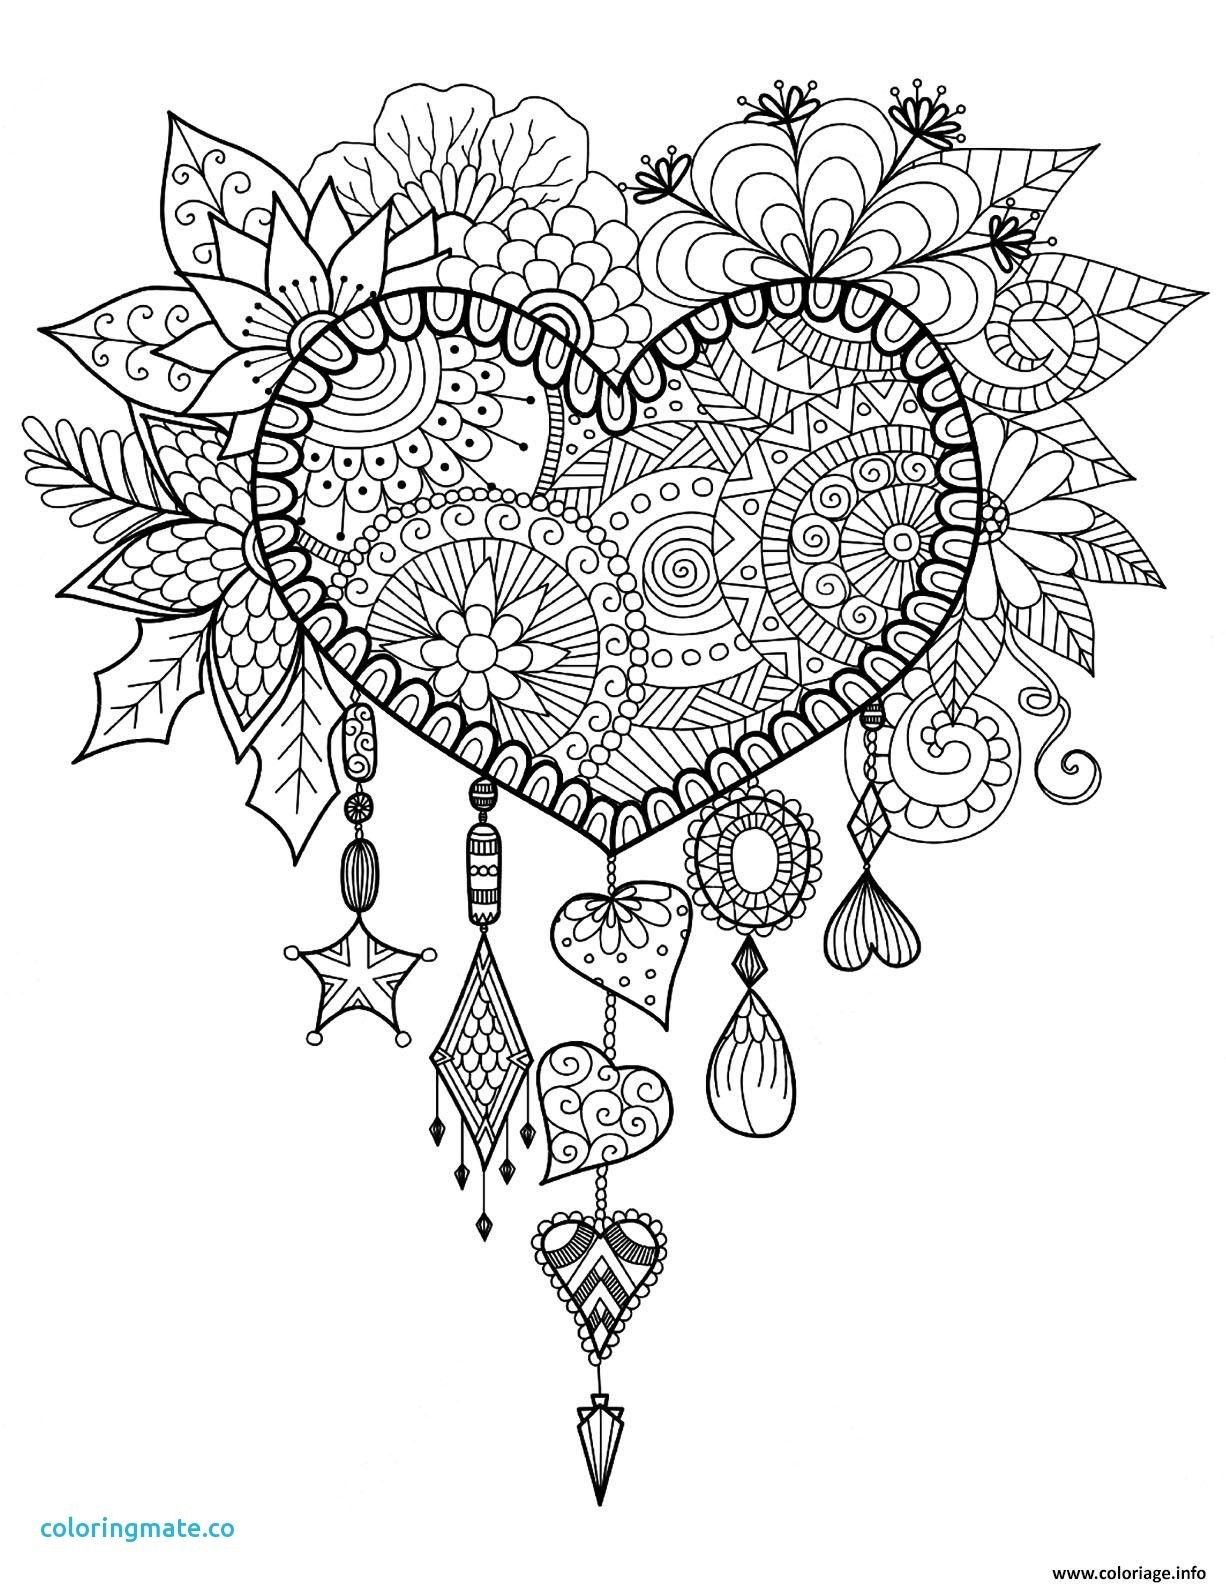 Dessin de joli coeur excellent image coloriage mandala planetes amour lovely coloriage mandala - Coeur coloriage ...